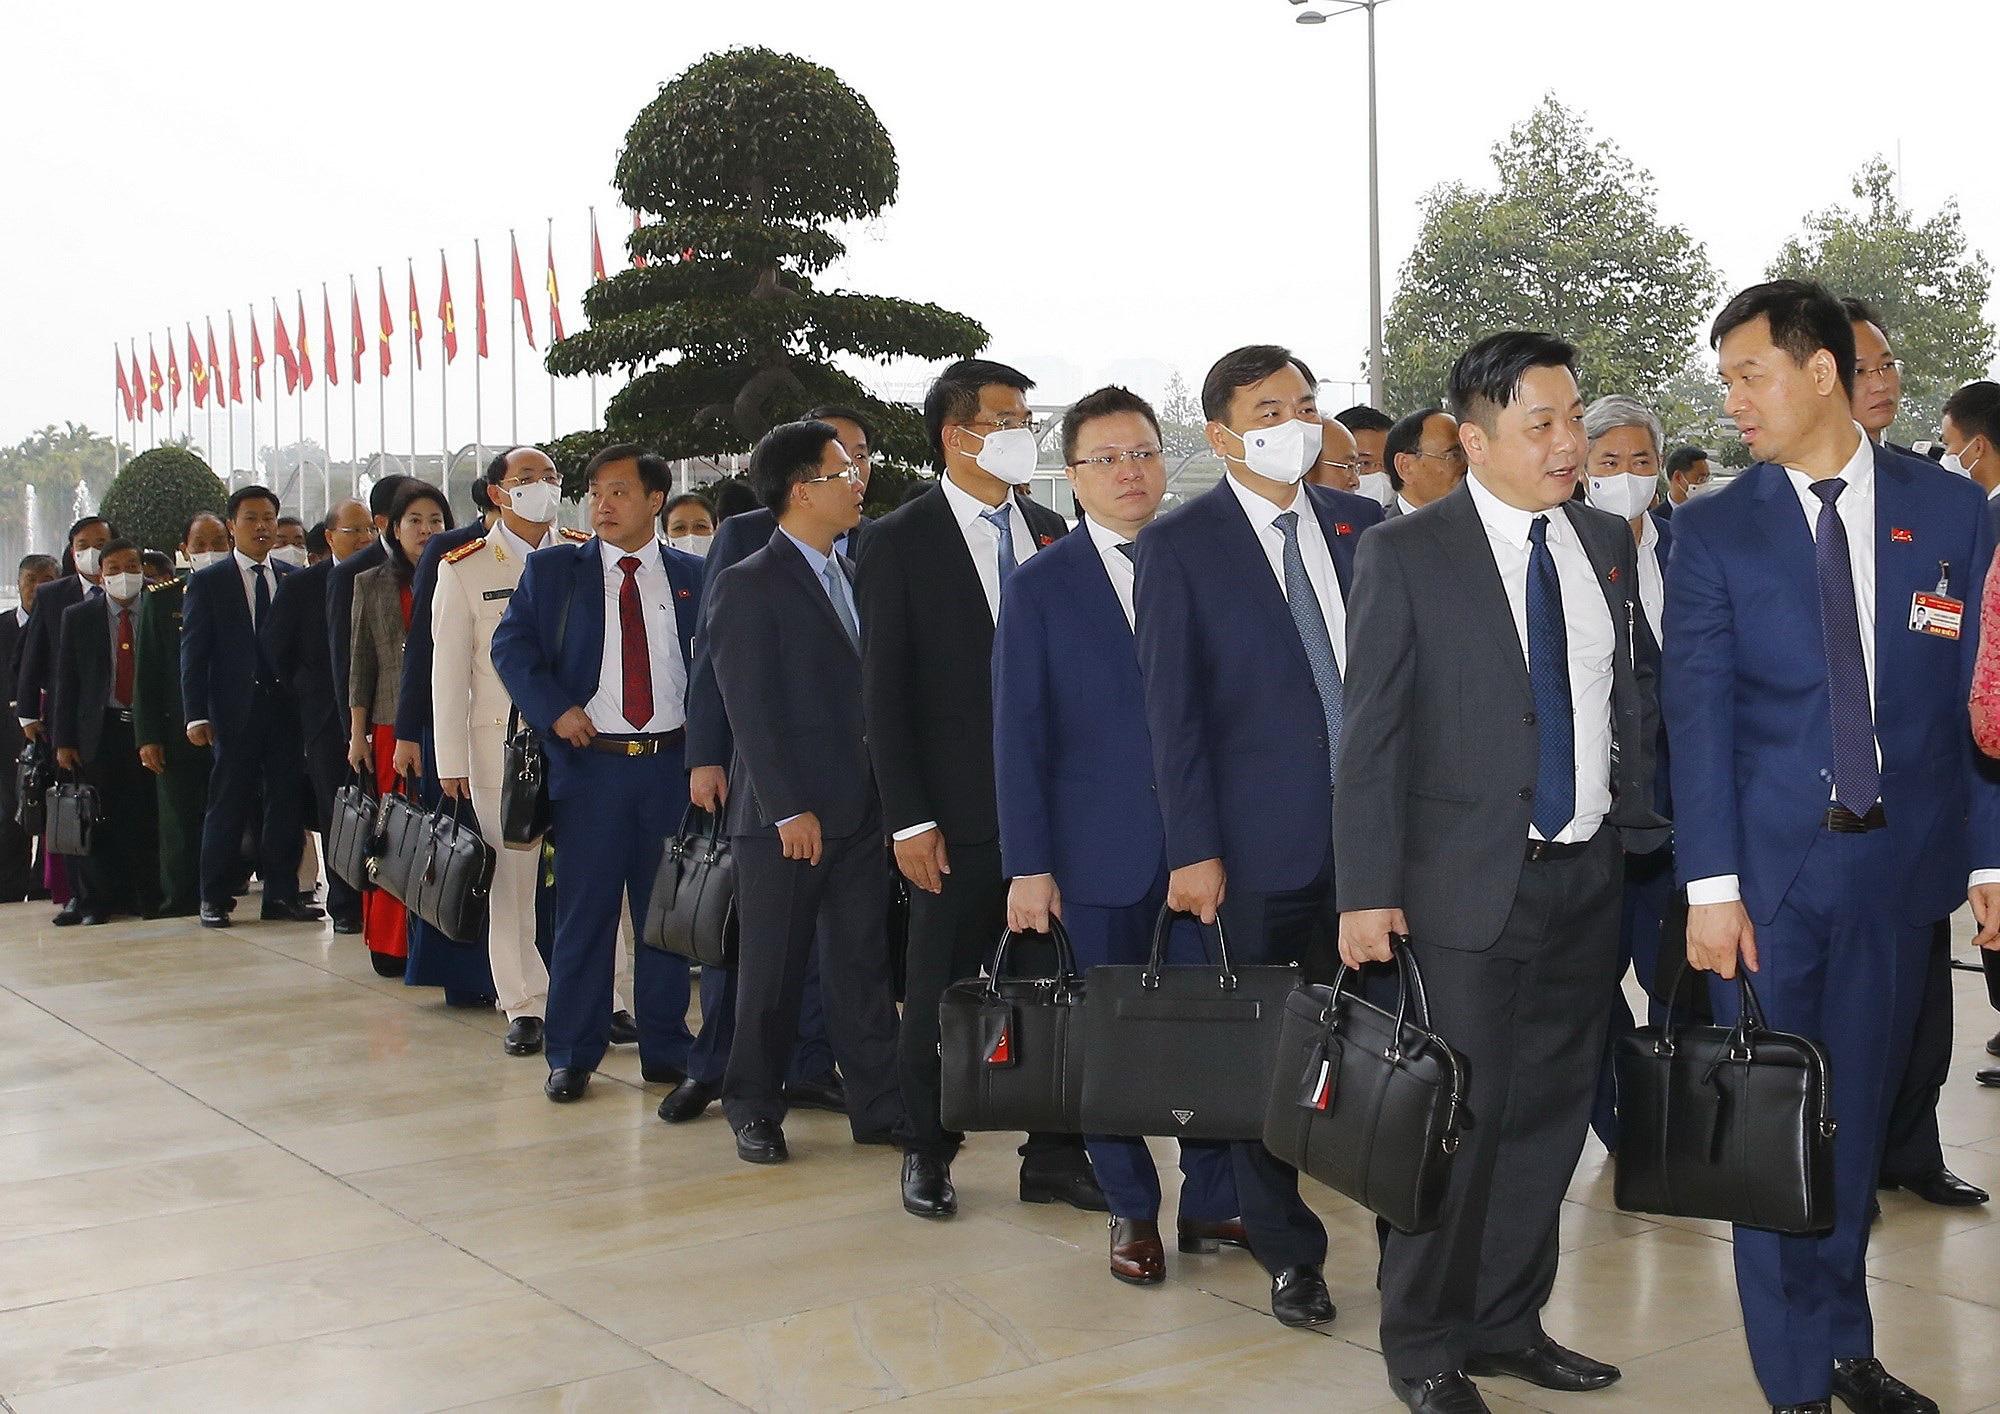 Ảnh: Ngày 29/1, Đại hội XIII tiếp tục làm việc về công tác nhân sự - Ảnh 16.